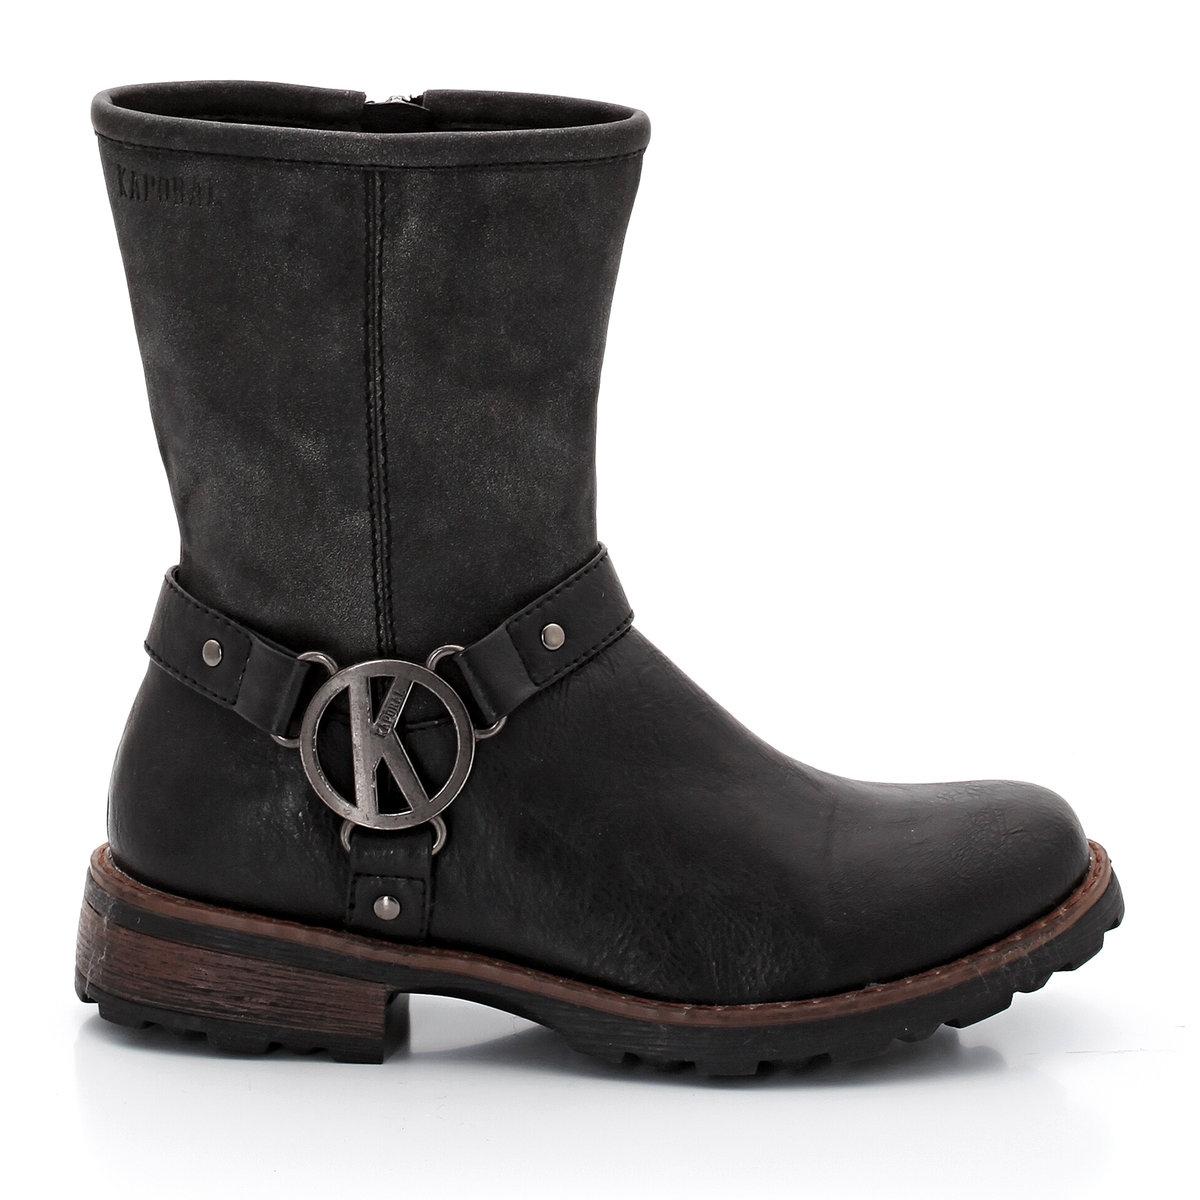 Ботинки KAPORAL WassiaПреимущества: Ботинки KAPORAL в рокерском стиле без излишних декоративных элементов: стильные, с ремешком в байкерском стиле<br><br>Цвет: черный<br>Размер: 32.38